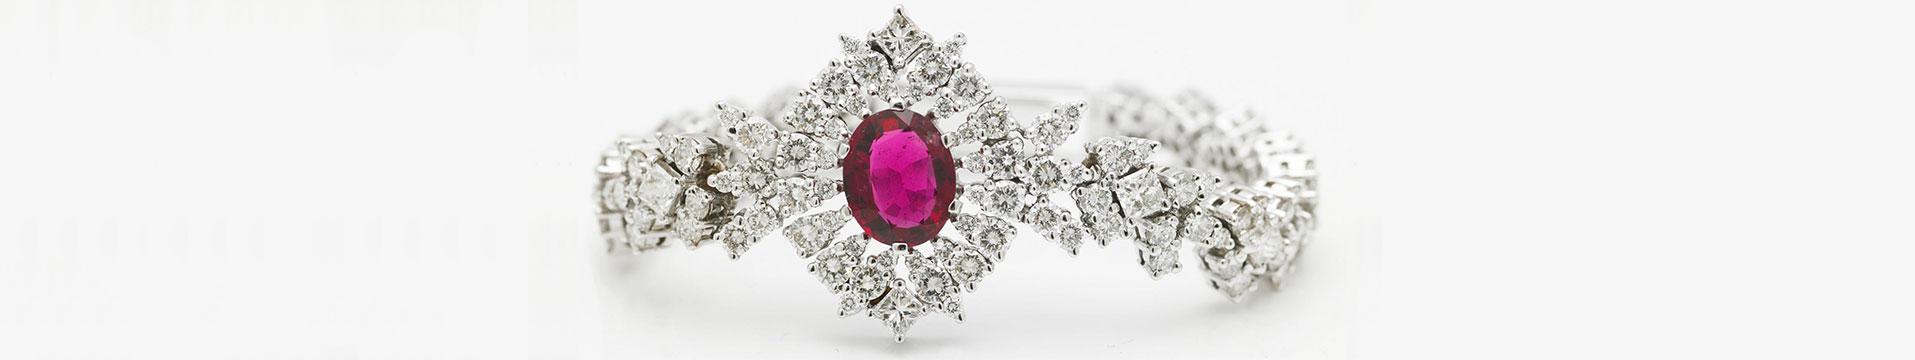 Juwelier Weiss, Gold und Schmuckankauf Service